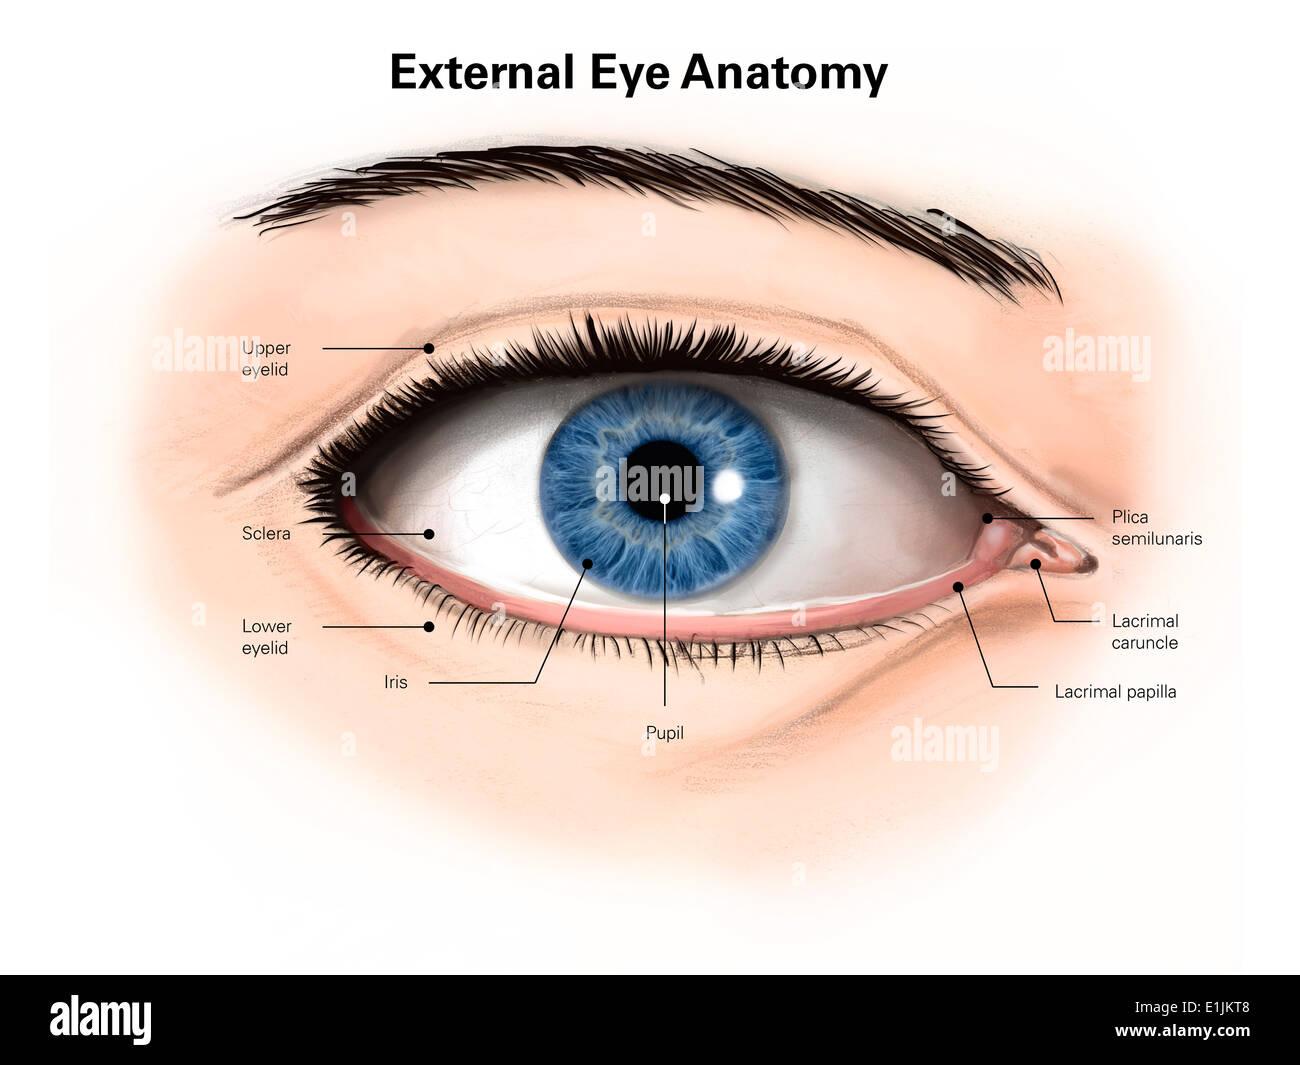 Lacrimal Imágenes De Stock & Lacrimal Fotos De Stock - Alamy